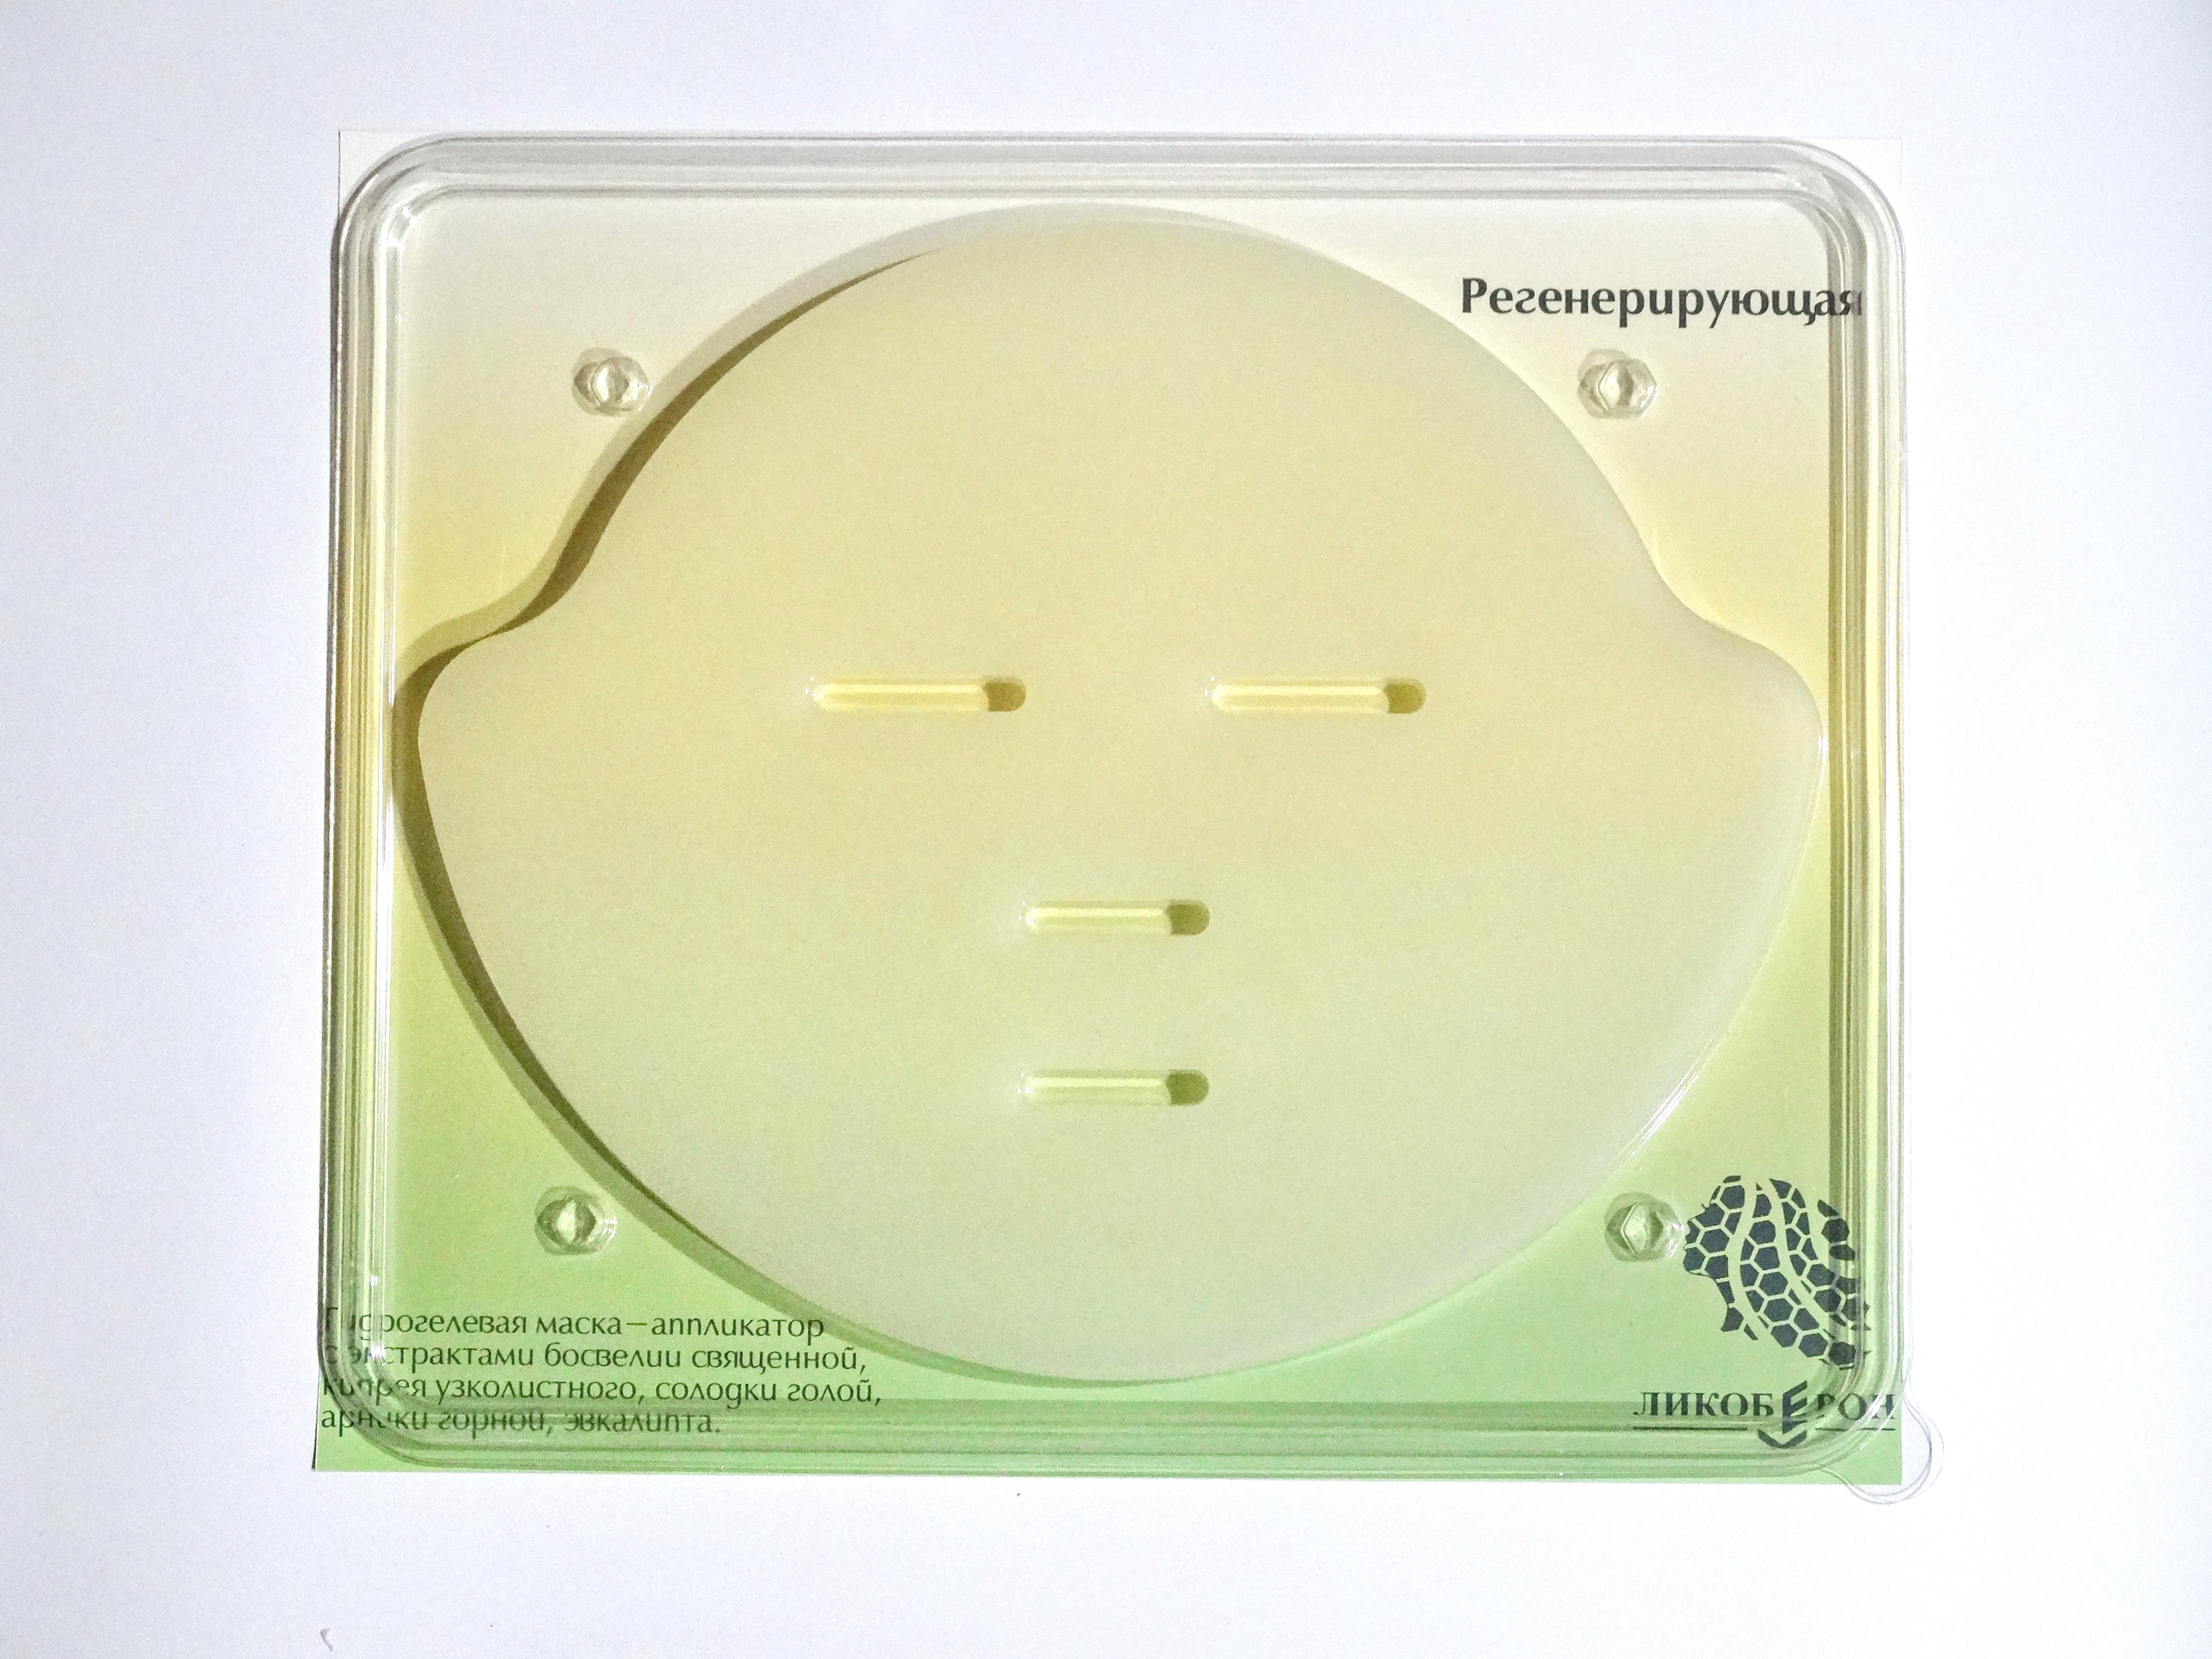 ЛИКОБЕРОН Маска-аппликатор гидрогелевая регенерирующая (лицо) 1 шт